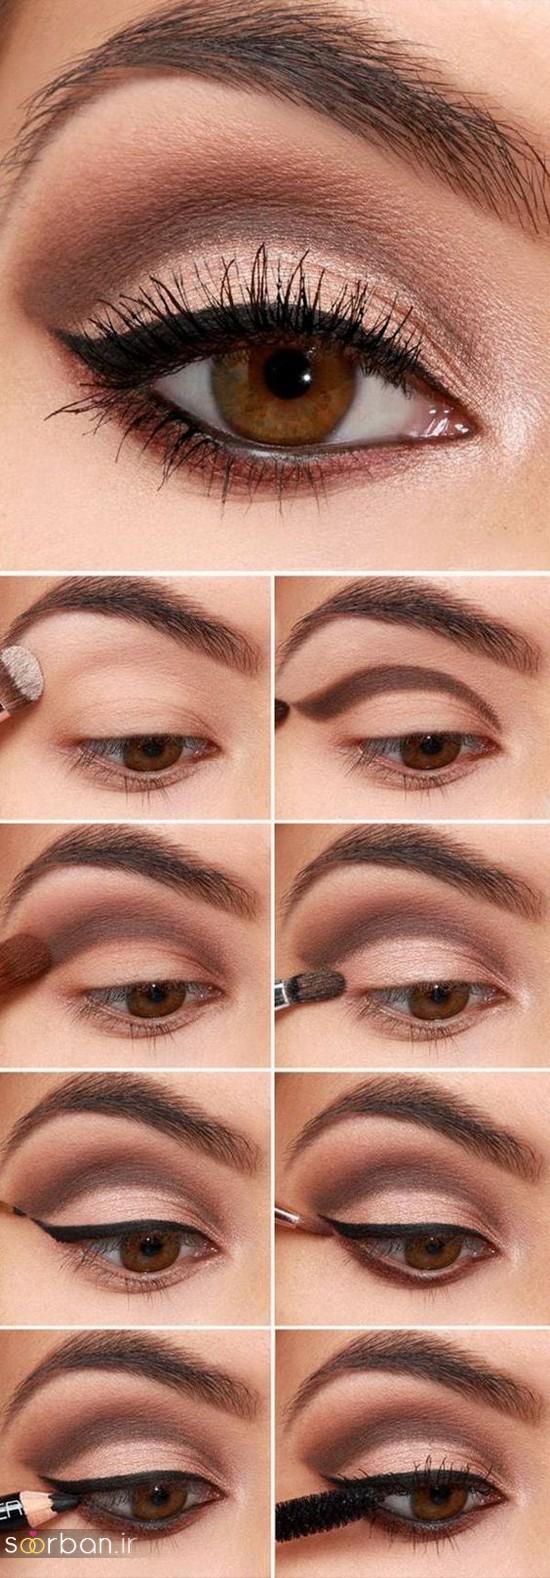 آموزش گام به گام زیباترین مدل های آرایش و سایه چشم مجلسی و عروس-11